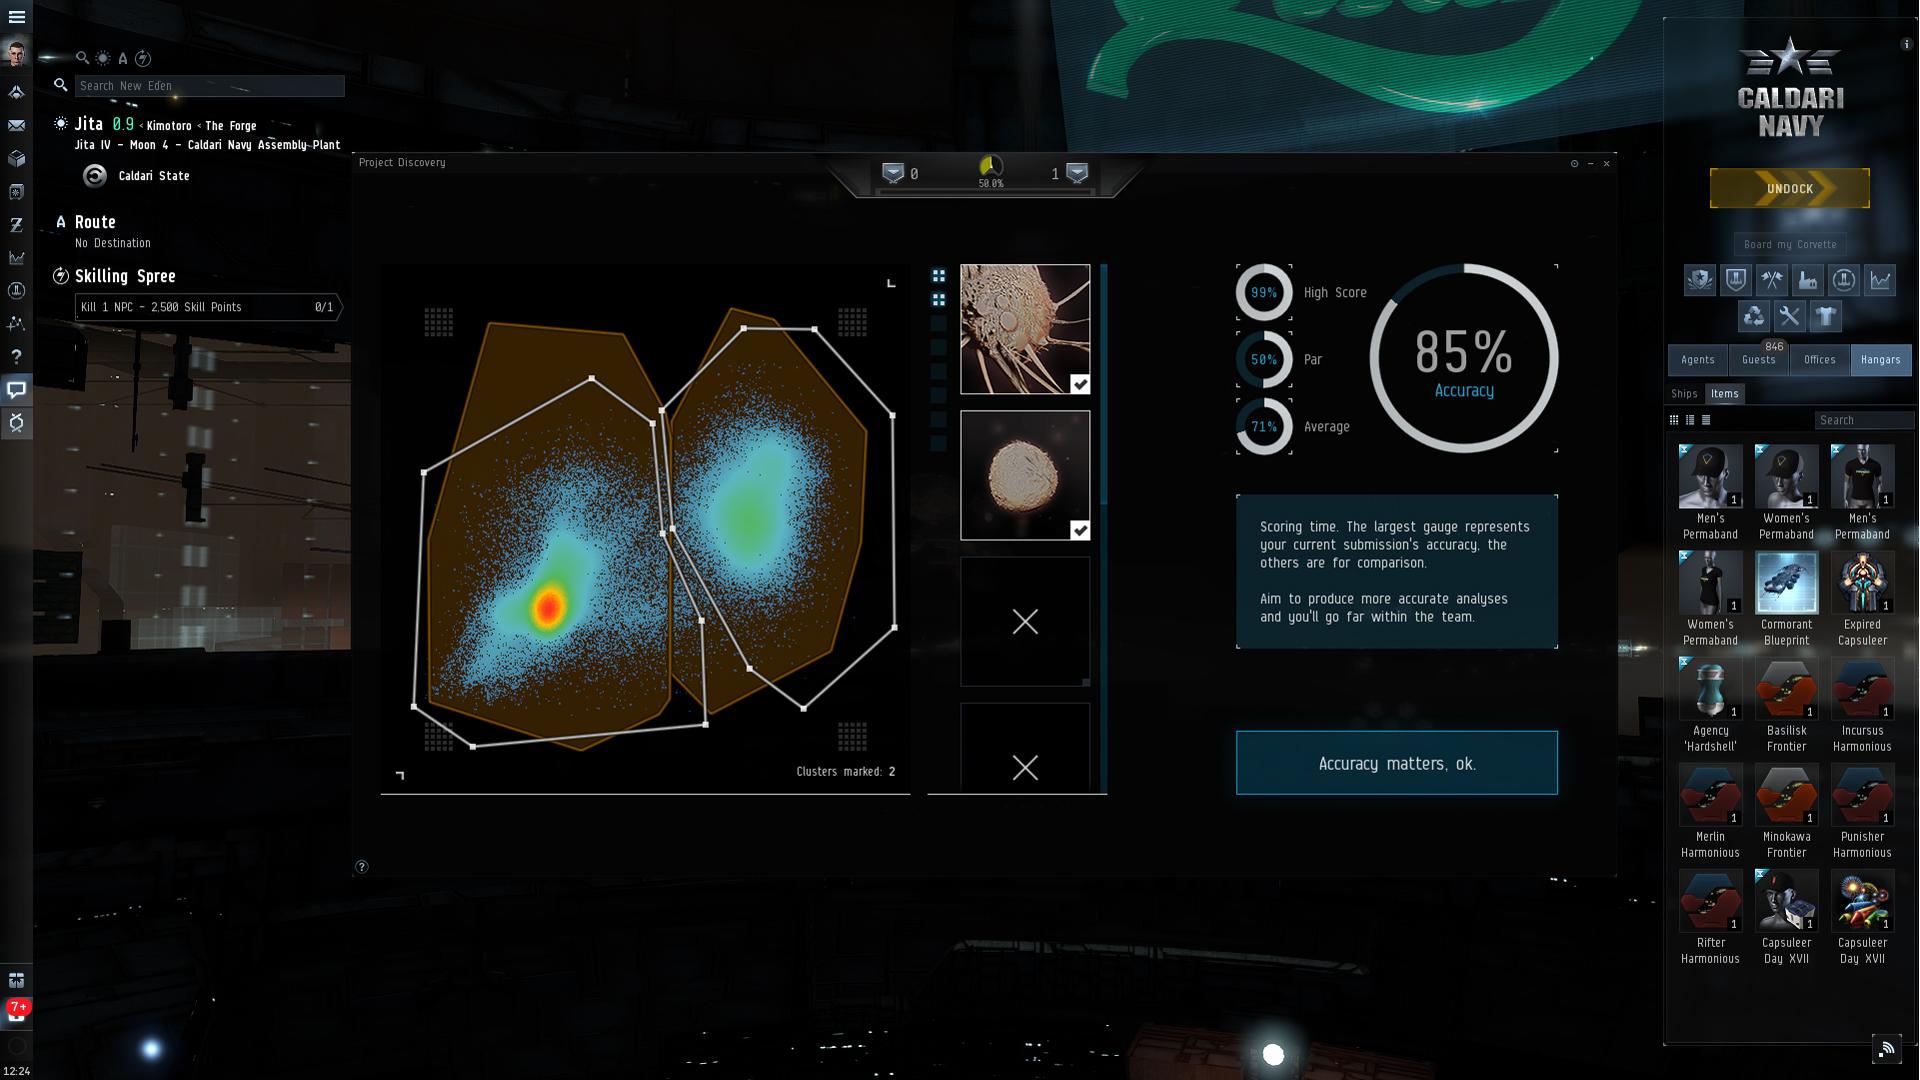 """So wird in """"Eve Online"""" eine wissenschaftliche Analyse durchgeführt. Bild: CCP Games"""